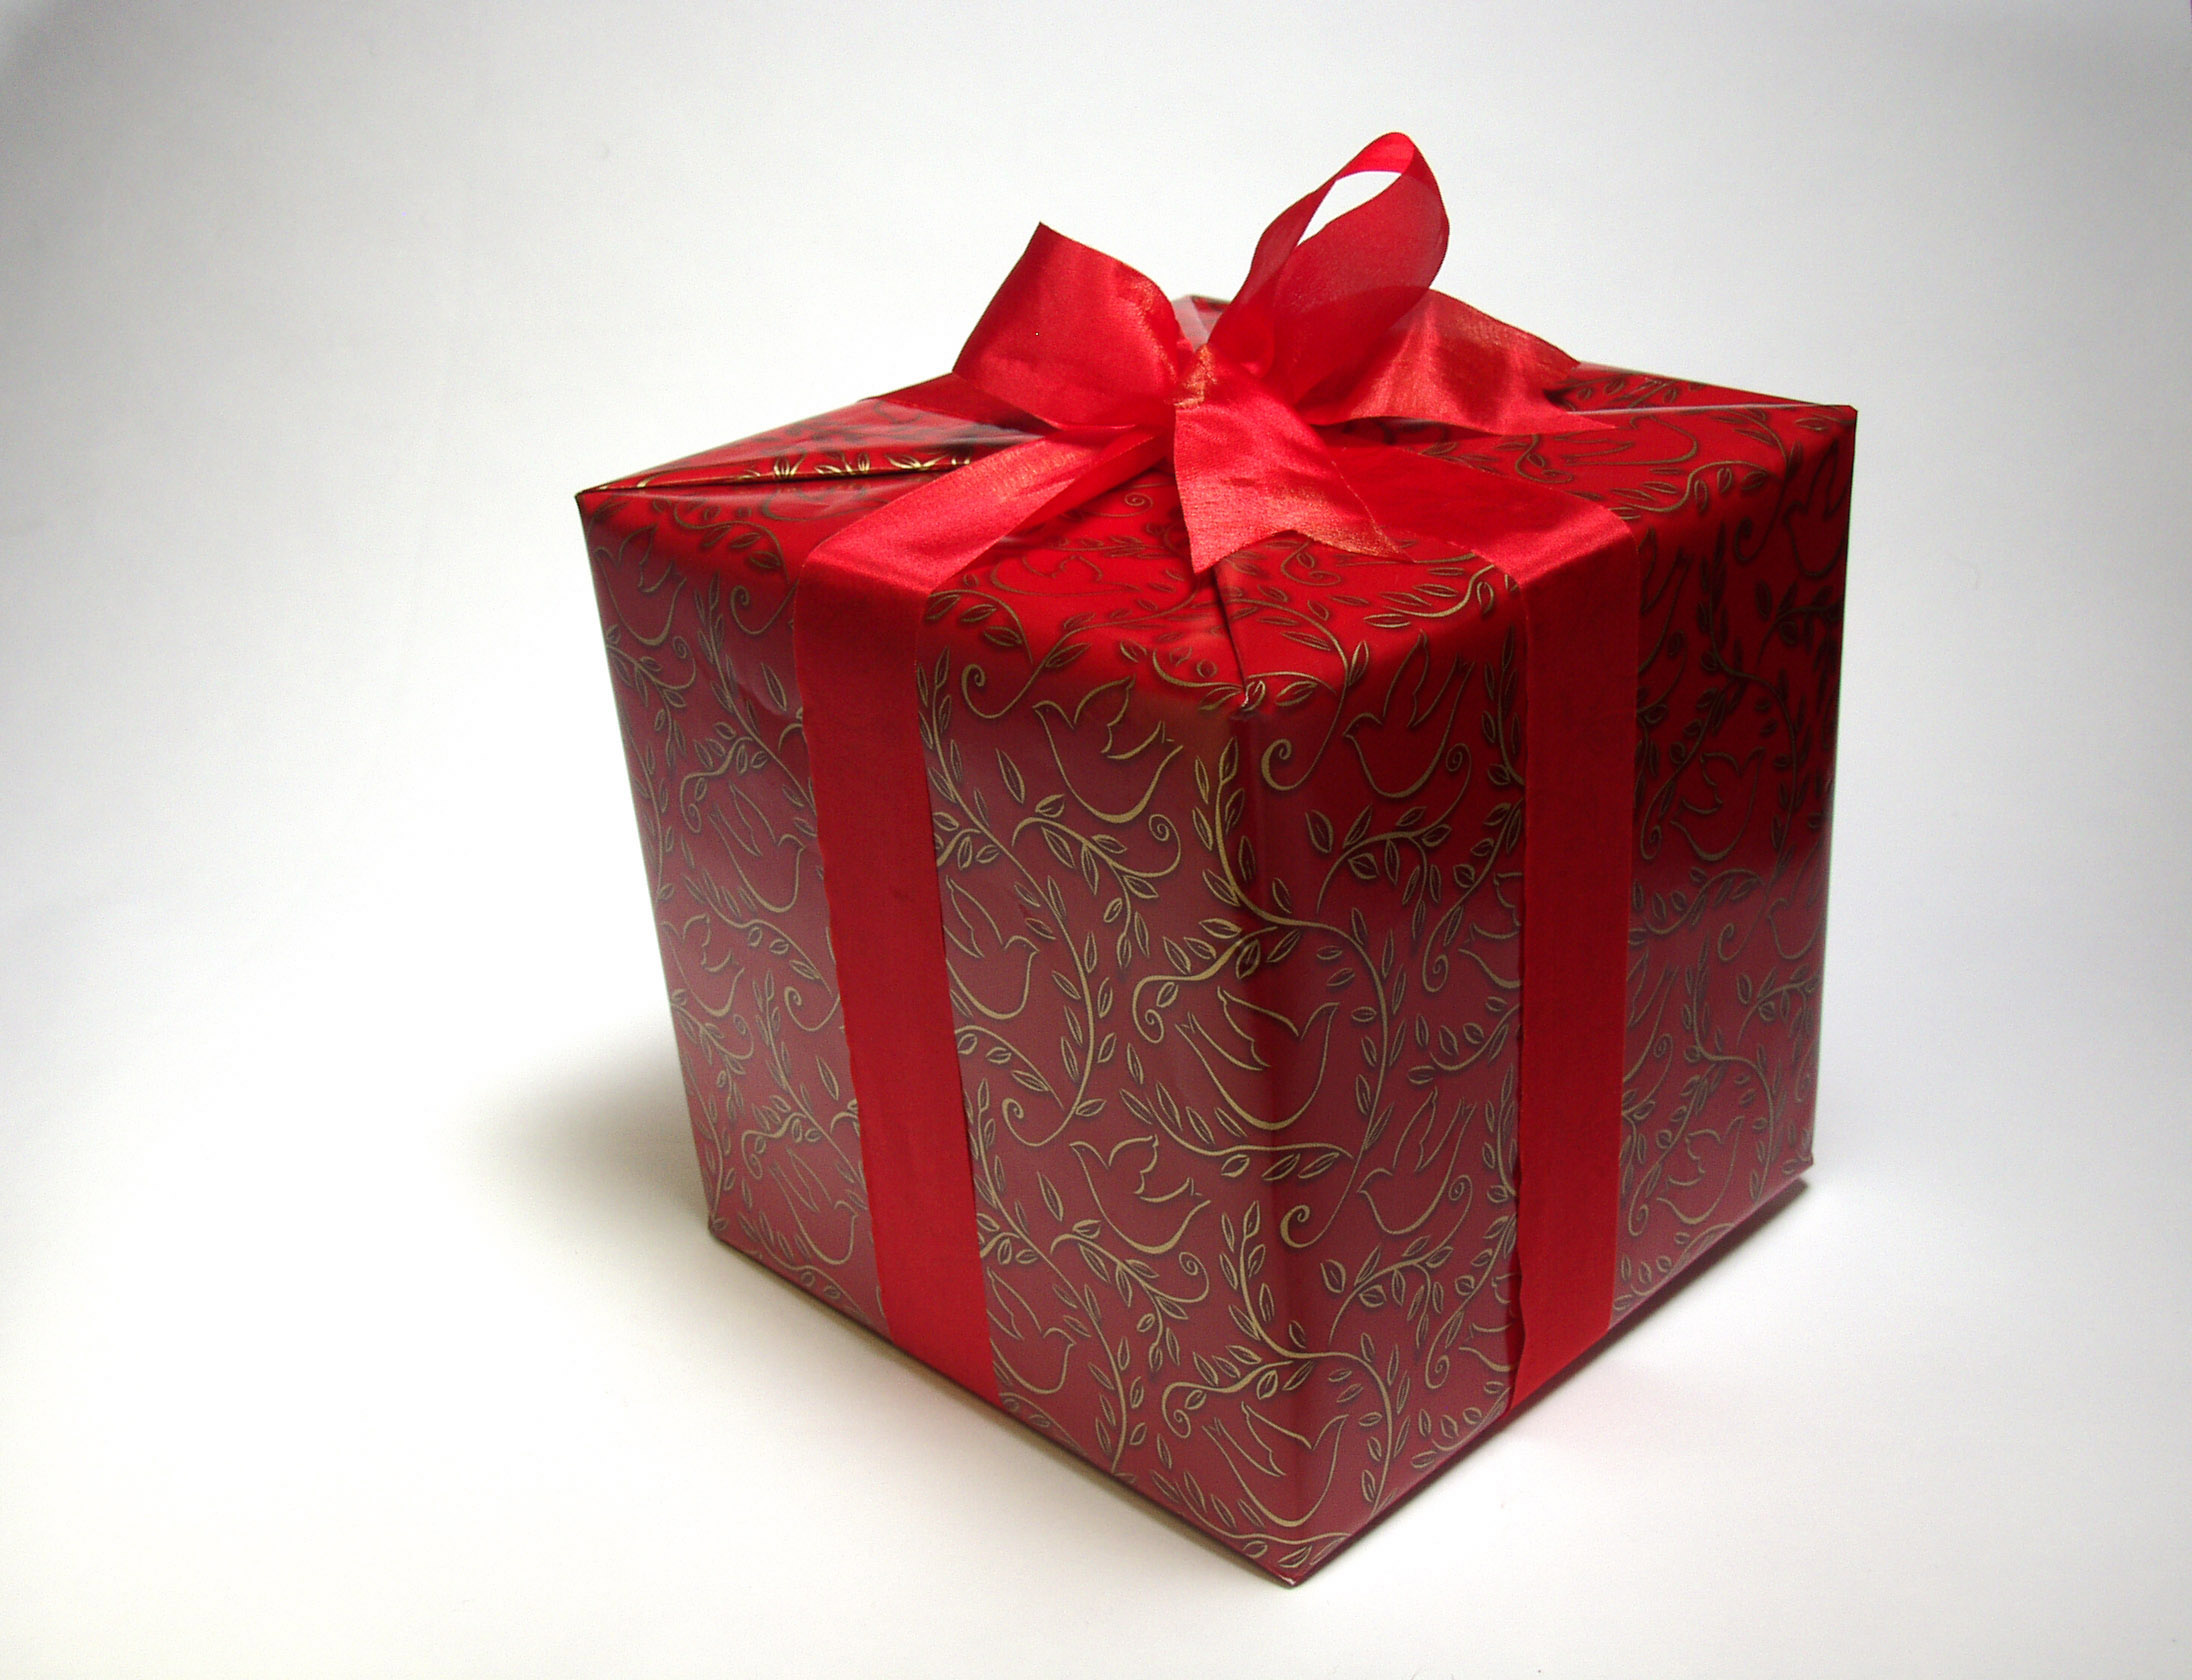 Как разрешить себе получать подарки